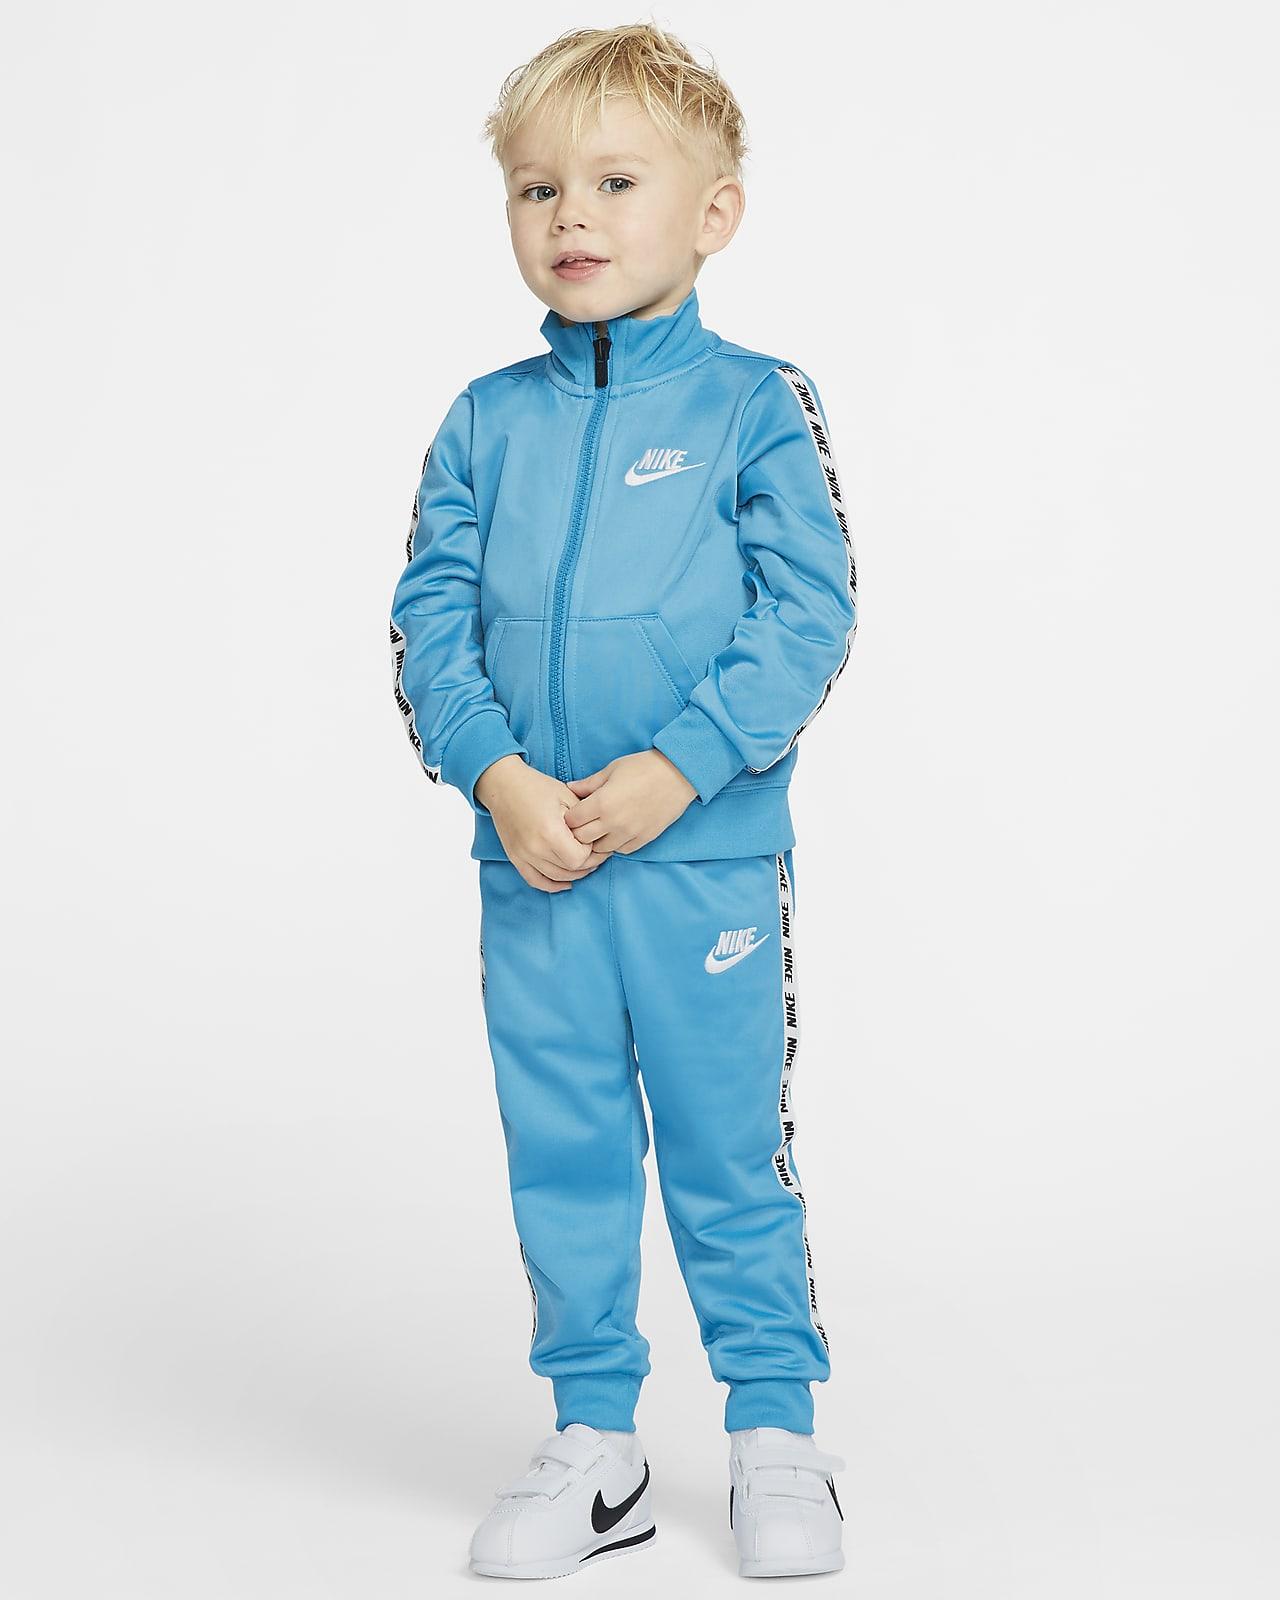 Nike Baby 2-Piece Set